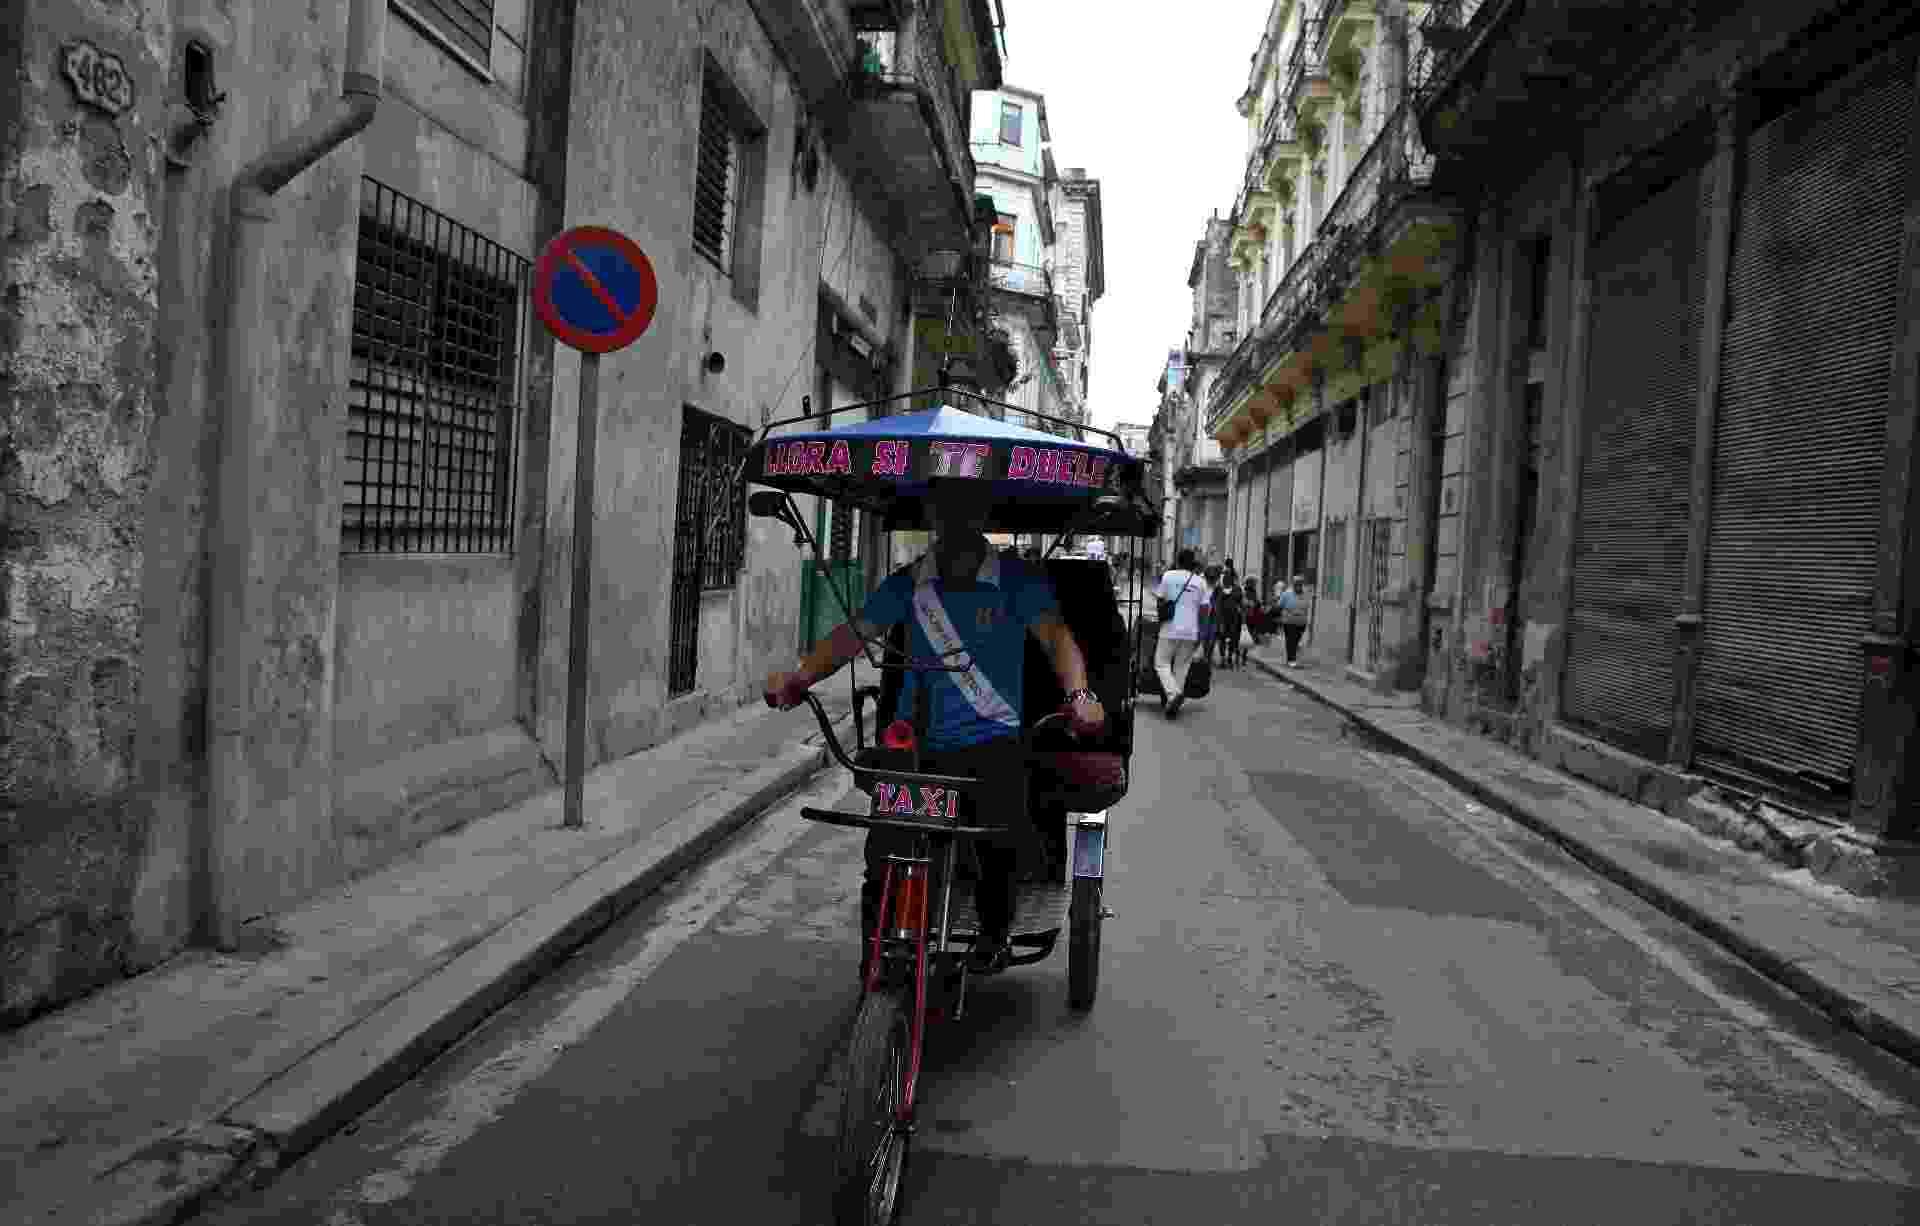 30.jan.2014 - Um bicicletaxista circula por rua de Havana, capital cubana, nesta quinta-feira (30). A cúpula da Celac, a visita dos secretários da ONU (Organização das Nações Unidas) e da OEA (Organização dos Estados Americanos), além do consenso na União Europeia sobre as negociações de um acordo bilateral marcaram a semana de êxitos internacionais para Cuba - Alejandro Ernesto/EFE